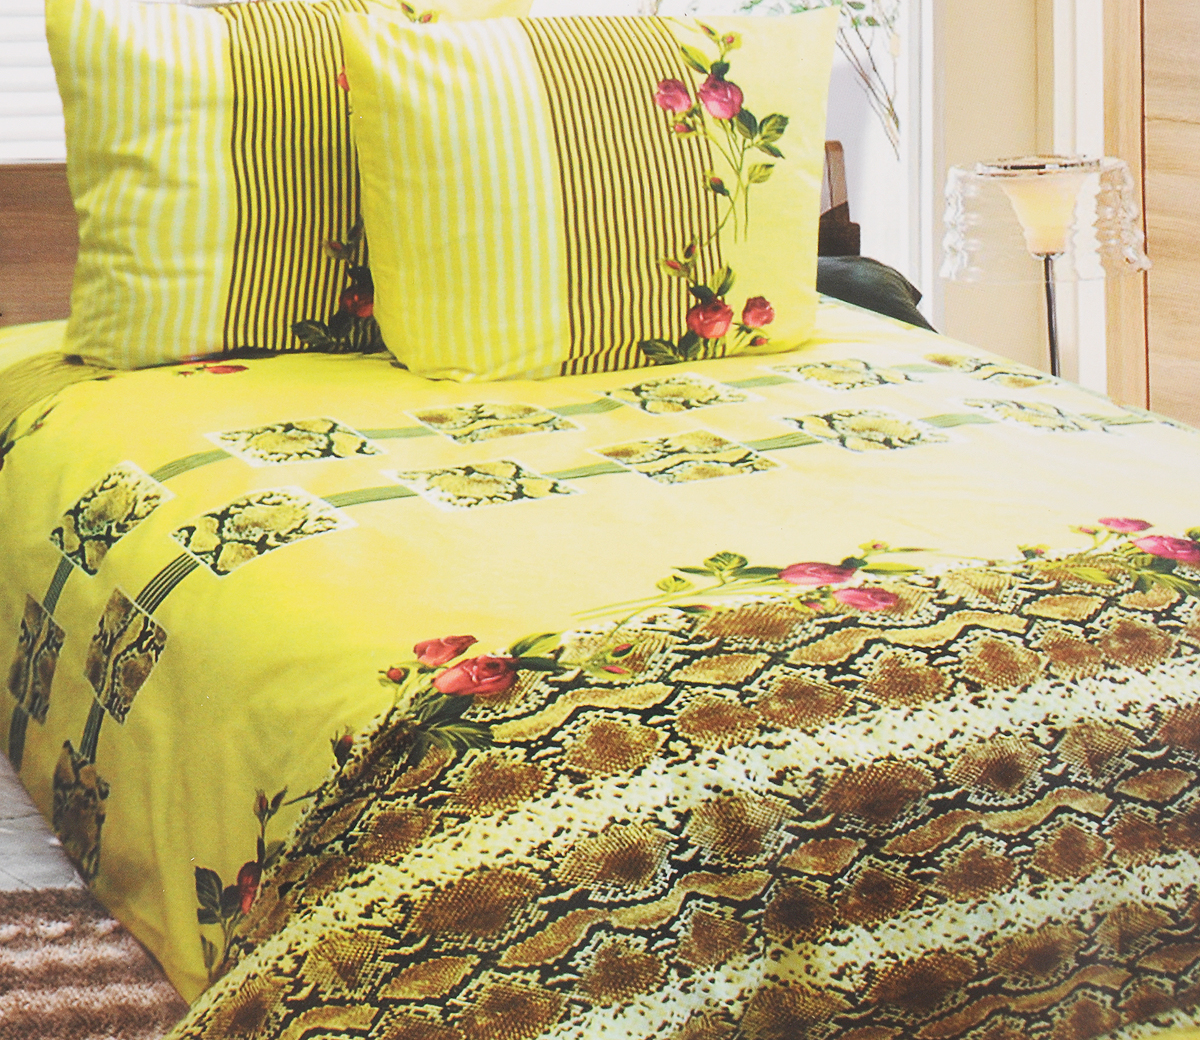 Комплект белья Катюша Клеопатра, 1,5-спальный, наволочки 70х70, цвет: светло-желтый, коричневый, красныйMT-1951Комплект постельного белья Катюша Клеопатра является экологически безопасным для всей семьи, так как выполнен из бязи (100% хлопок). Комплект состоит из пододеяльника, простыни и двух наволочек. Постельное белье оформлено оригинальным рисунком и имеет изысканный внешний вид.Бязь - это ткань полотняного переплетения, изготовленная из экологически чистого и натурального 100% хлопка. Она прочная, мягкая, обладает низкой сминаемостью, легко стирается и хорошо гладится. Бязь прекрасно пропускает воздух и за ней легко ухаживать. При соблюдении рекомендуемых условий стирки, сушки и глажения ткань имеет усадку по ГОСТу, сохранятся яркость текстильных рисунков. Приобретая комплект постельного белья Катюша Клеопатра, вы можете быть уверены в том, что покупка доставит вам и вашим близким удовольствие иподарит максимальный комфорт.